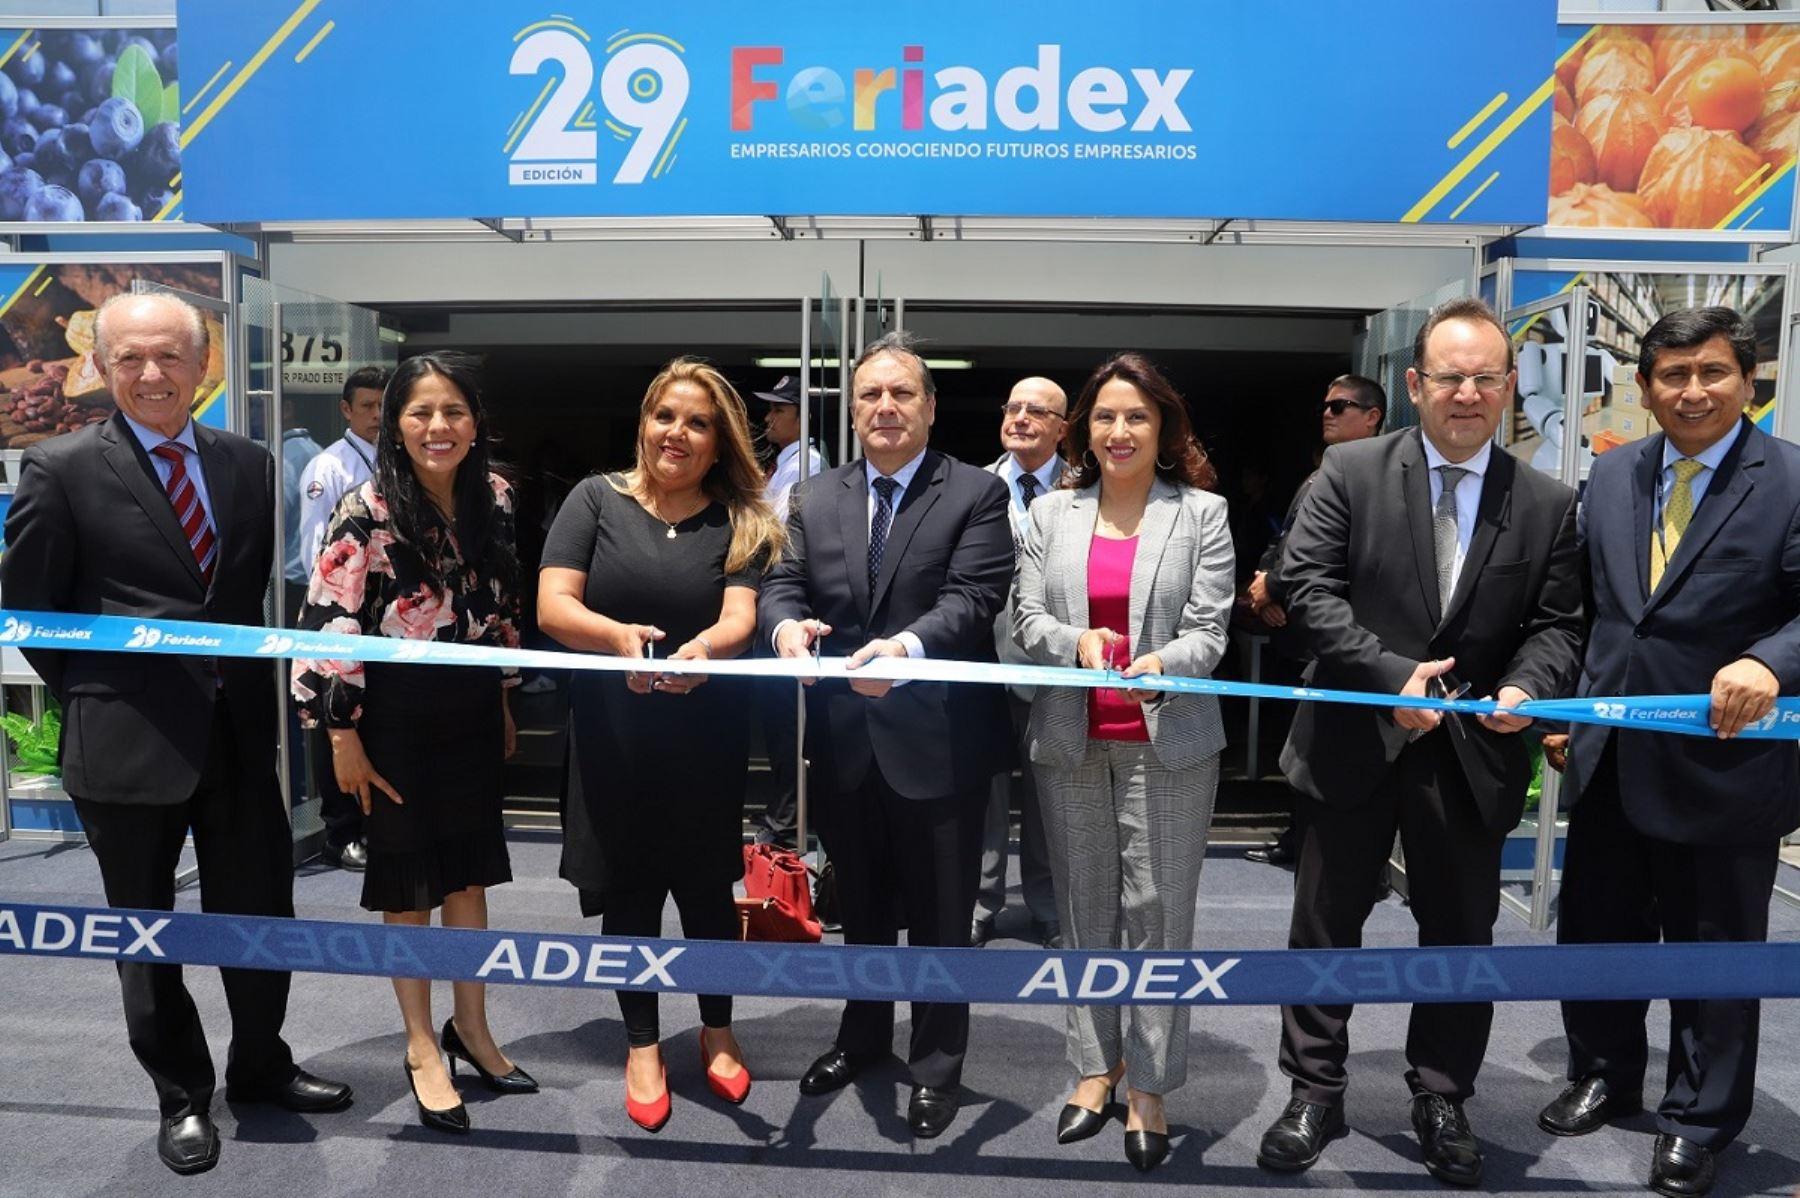 Directivos de Adex en corte de cinta en 29 Feriadex. Foto: Cortesía.